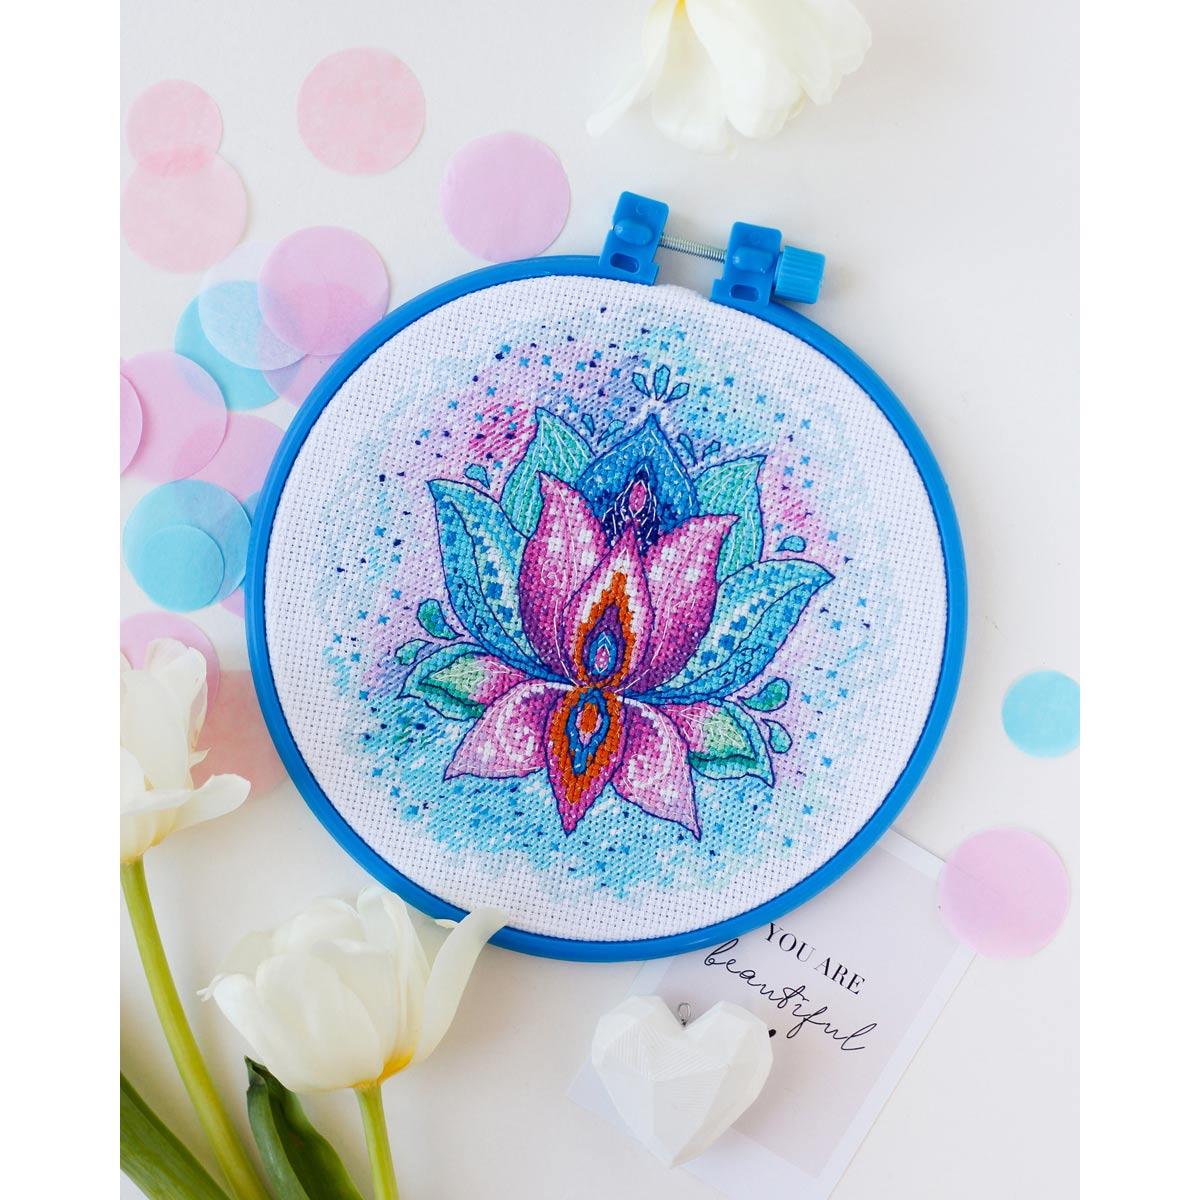 АНМ-046 Набор для вышивания крестом 'Цветок Счастья' 15*15см